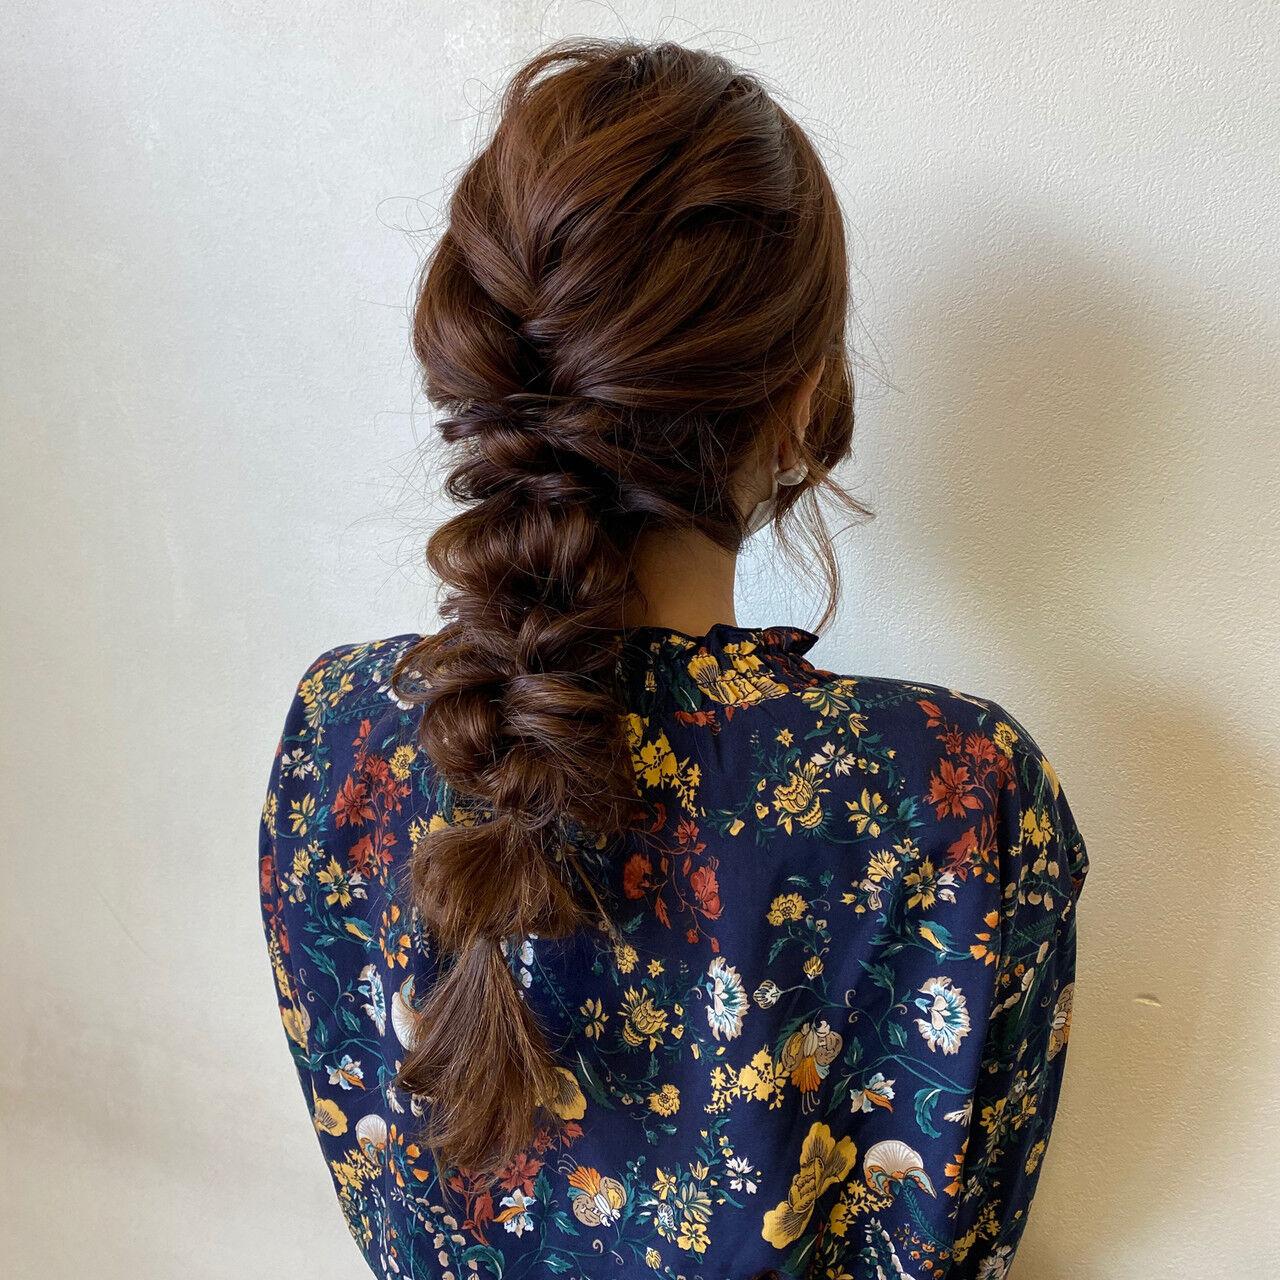 ガーリー 編みおろしヘア 編みおろし 結婚式ヘアアレンジヘアスタイルや髪型の写真・画像